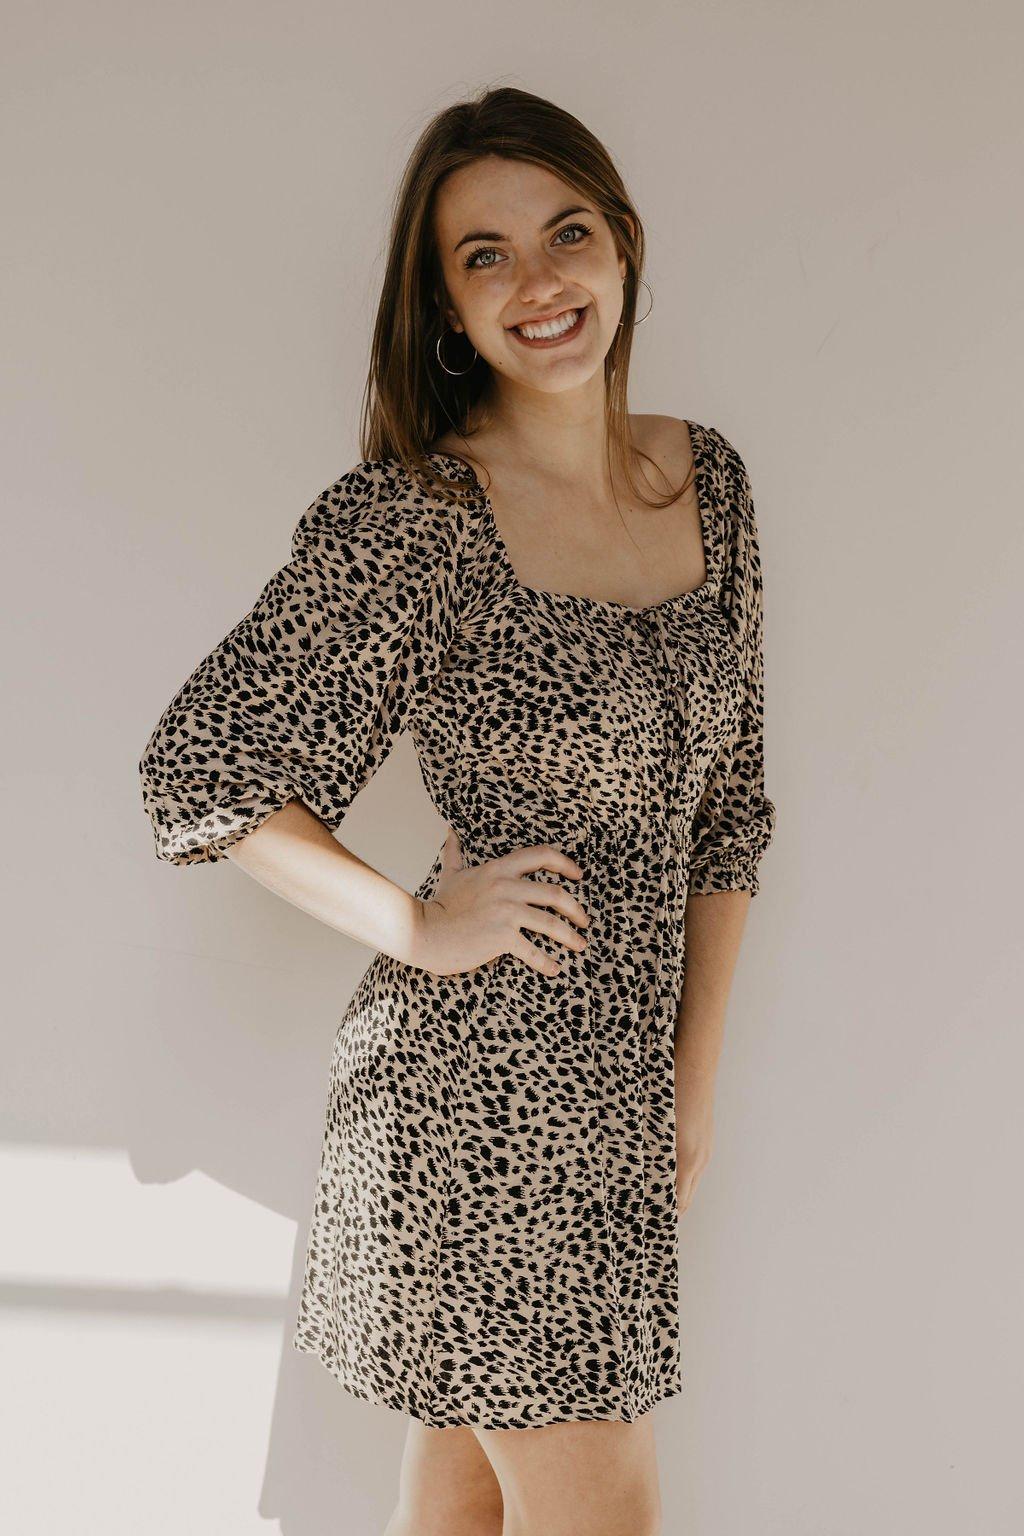 Billabong Leopard Mini Dress